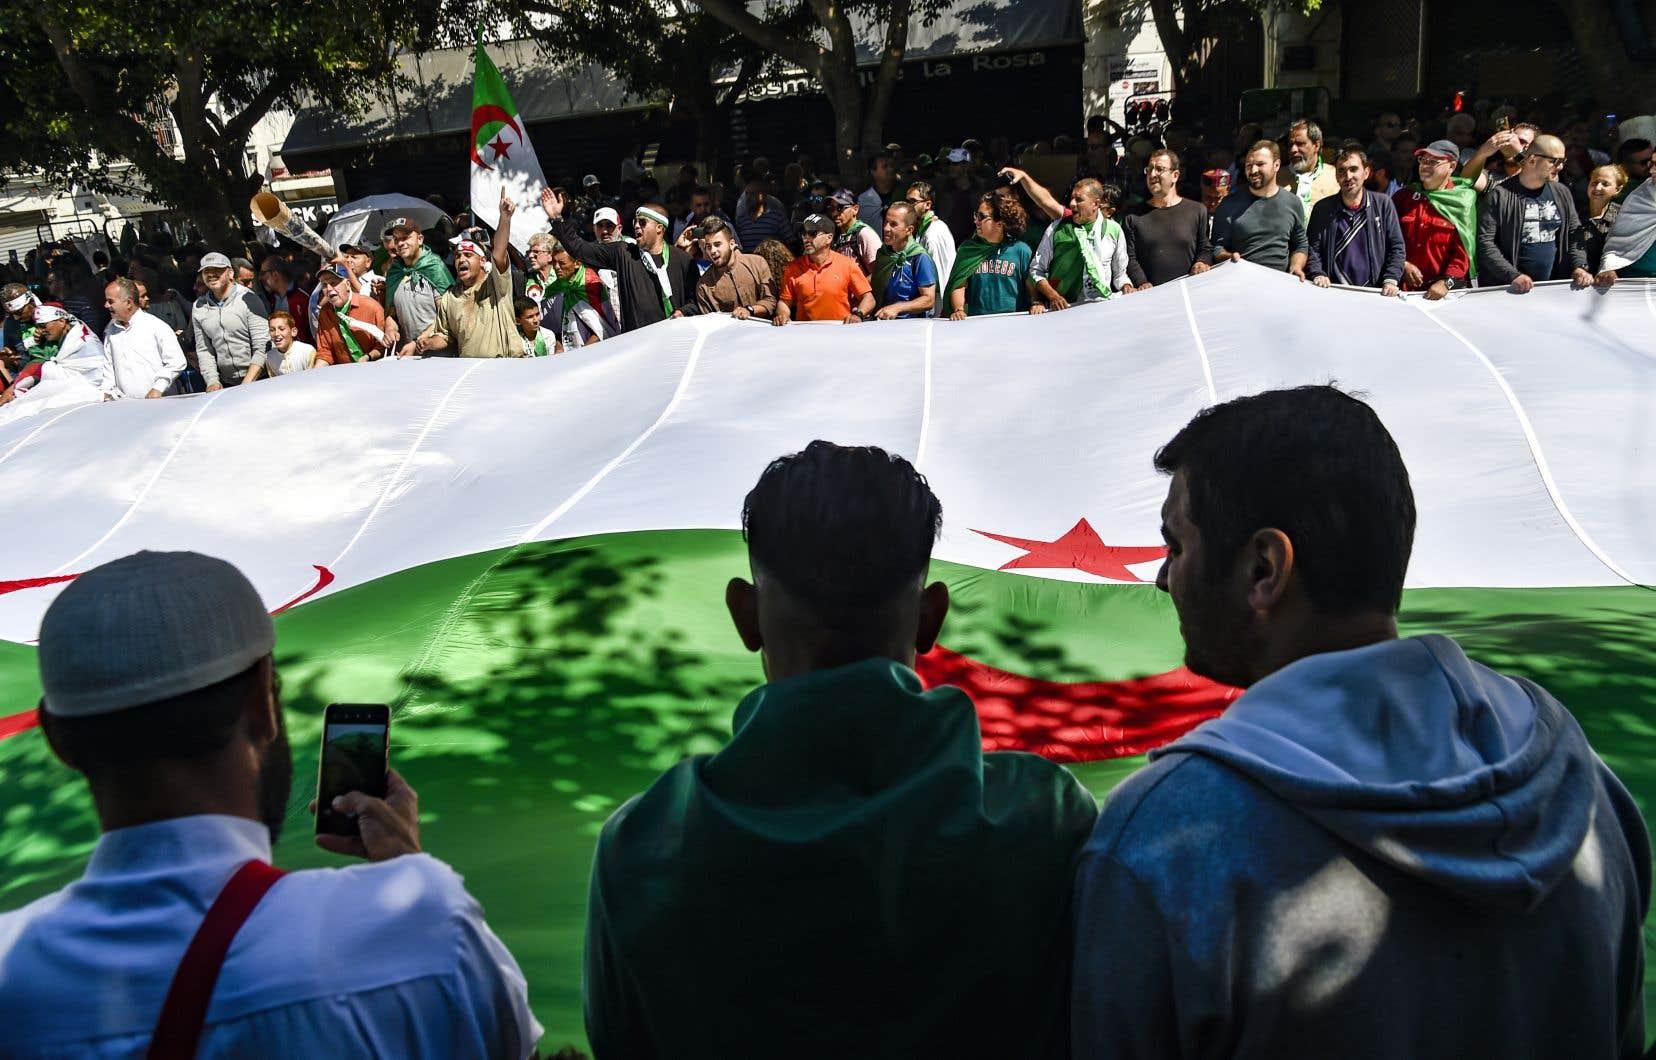 Les manifestants réclament au préalable le départ des dirigeants actuels ayant participé au régime d'Abdelaziz Bouteflika.